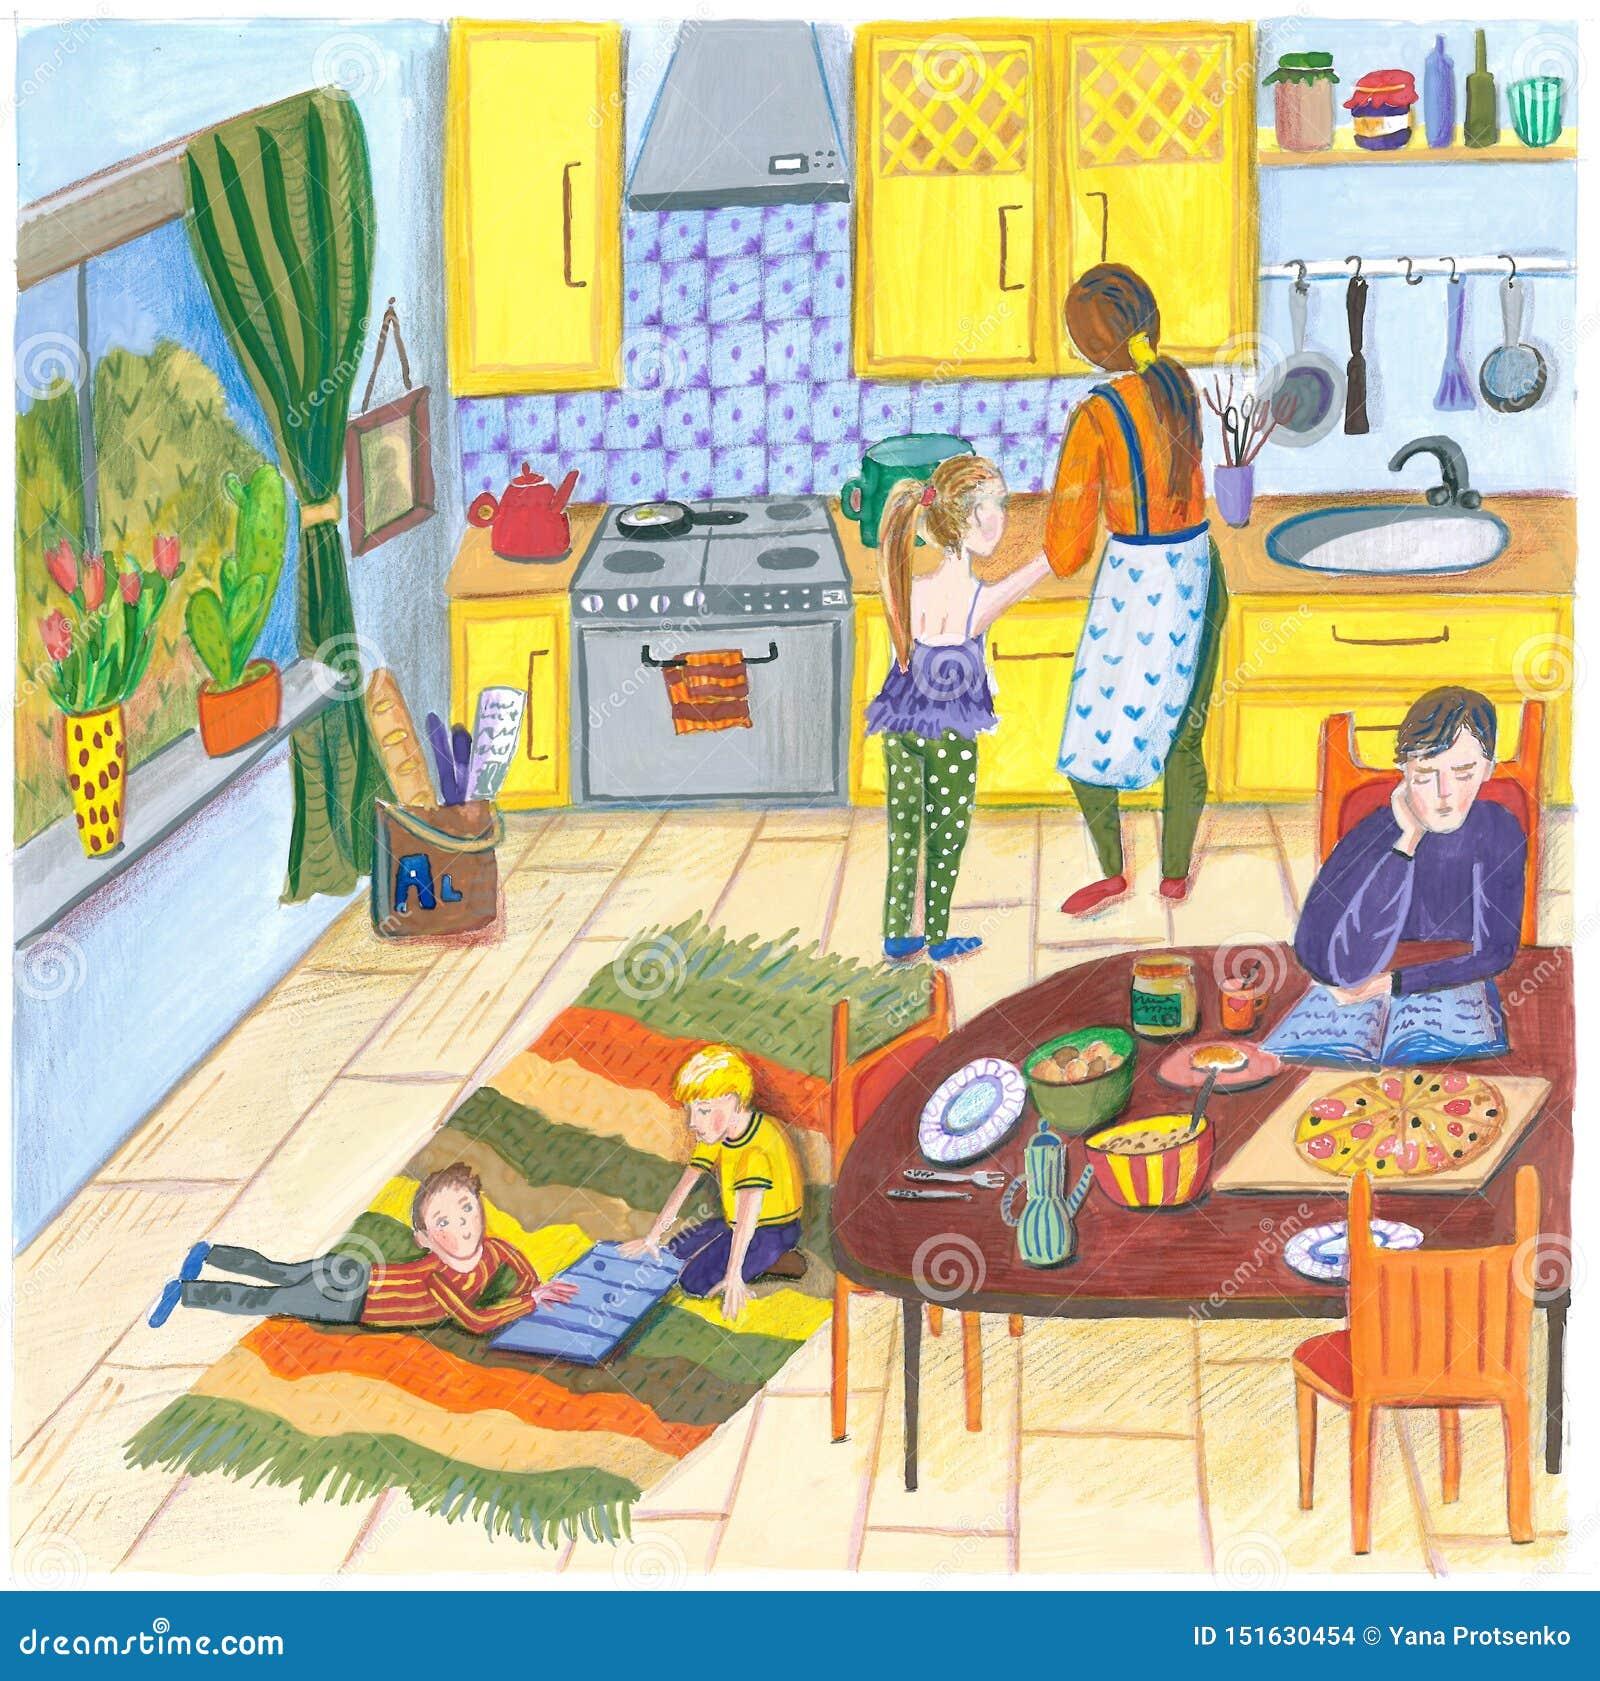 Απεικόνιση μιας ευτυχούς οικογένειας στο σπίτι στην κουζίνα για το μεσημεριανό γεύμα, το γεύμα ή το πρόγευμα, τη μητέρα, τον πατέ